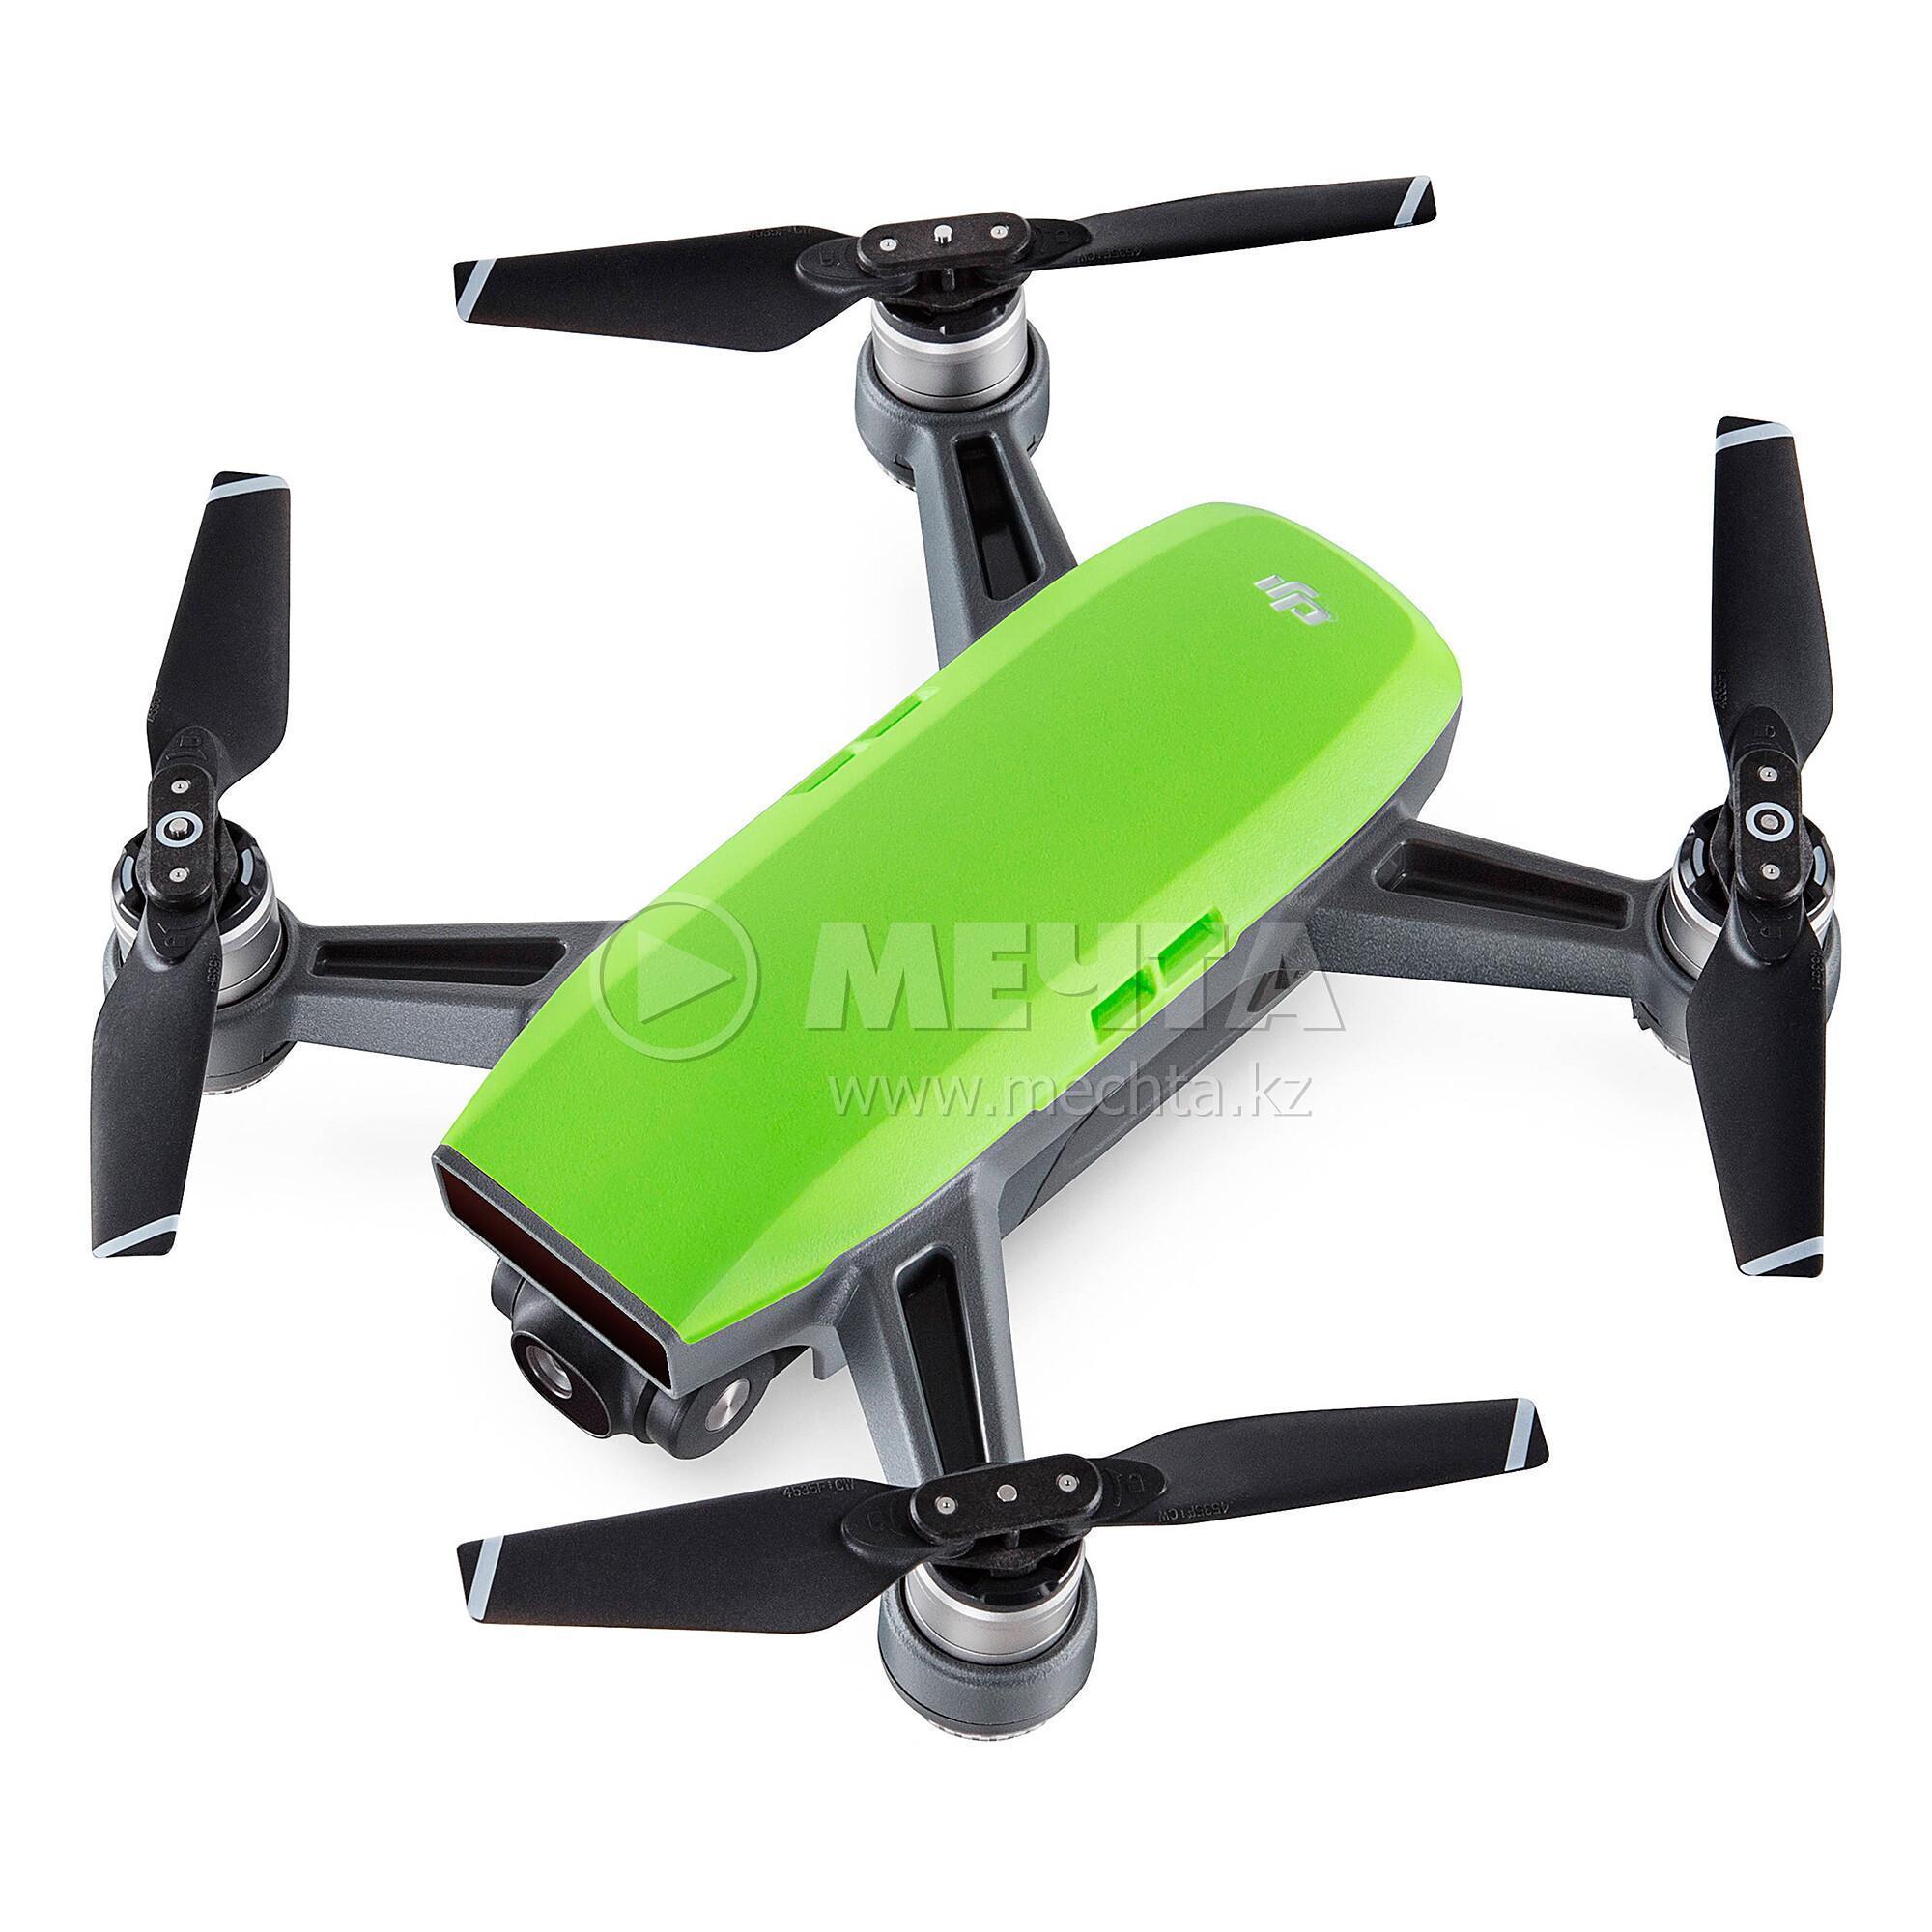 Защита камеры жесткая spark самостоятельно квадрокоптер с камерой купить в спб цена